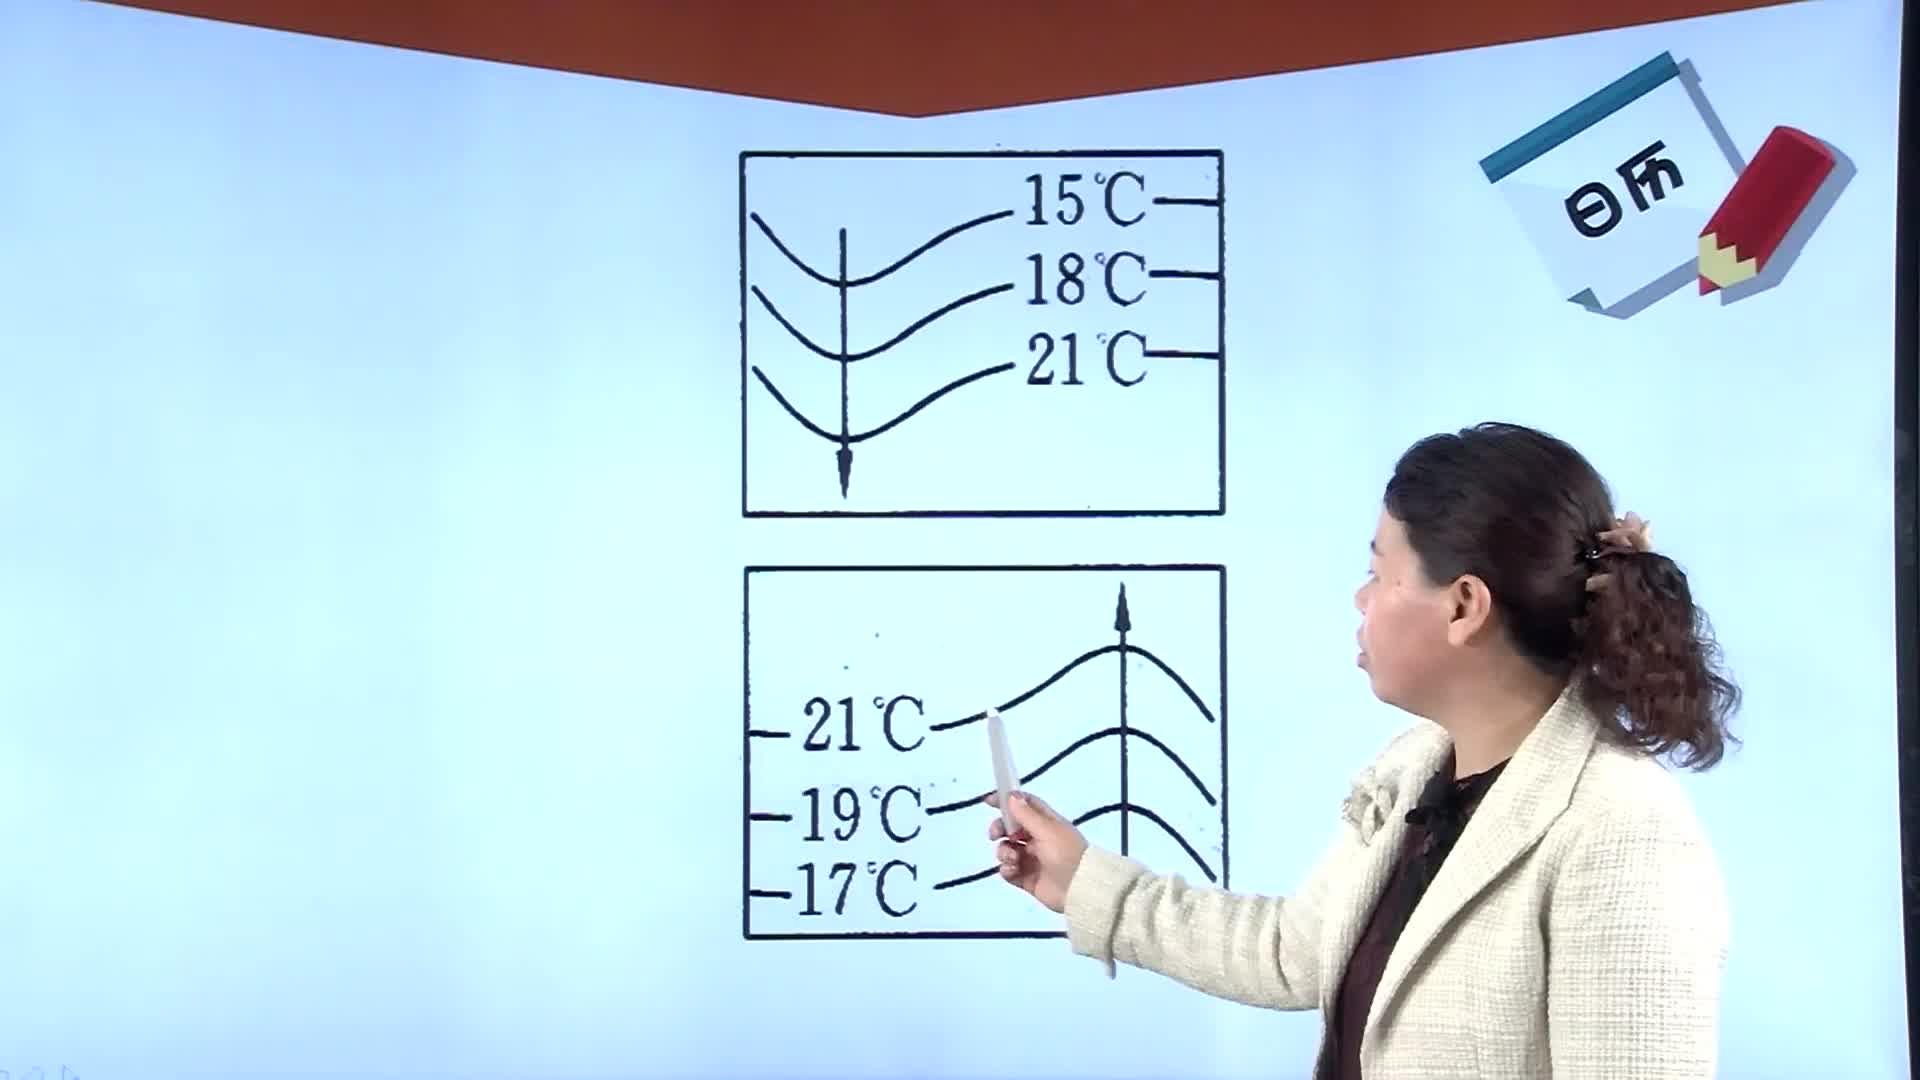 人教版高中地理必修一第三章第二节 洋流的分类-视频微课堂